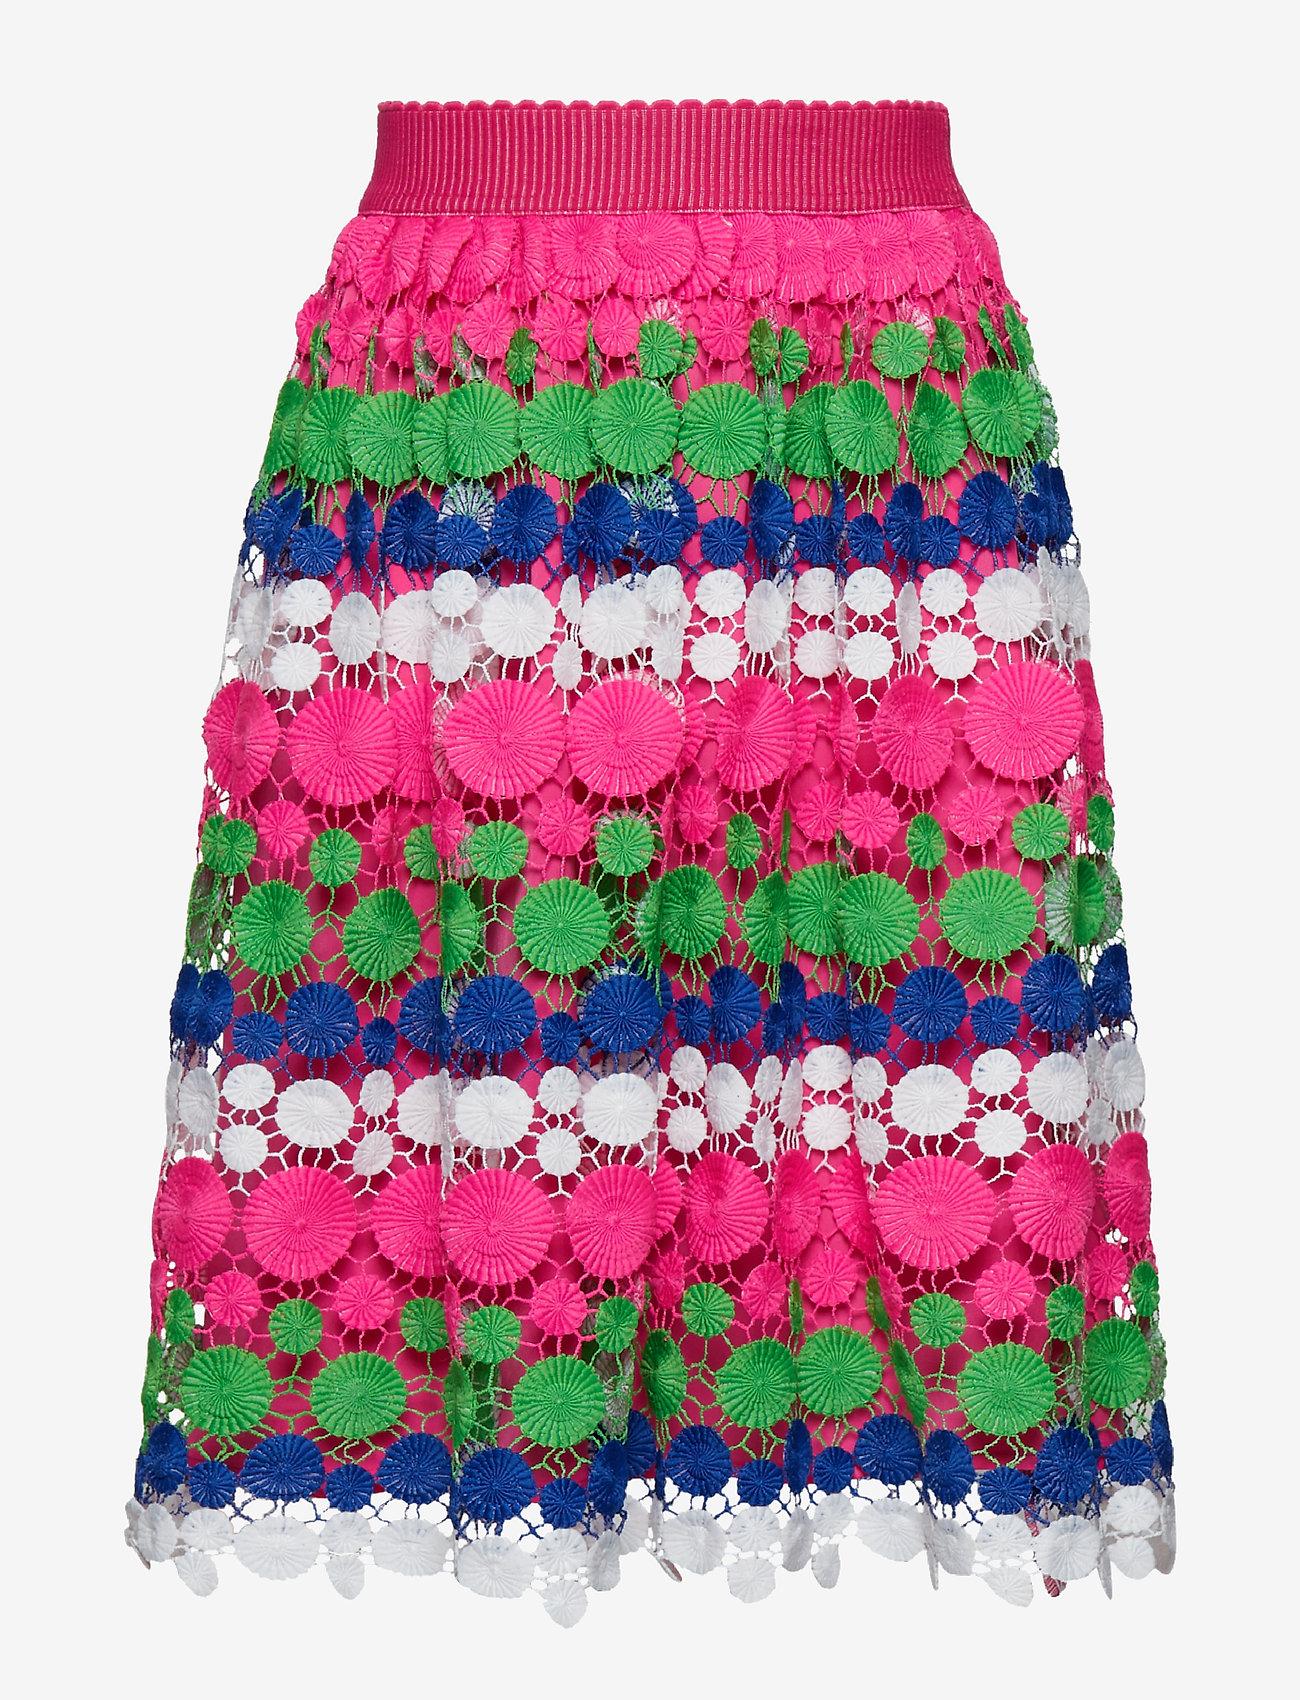 Billieblush - SKIRT - skirts - unique